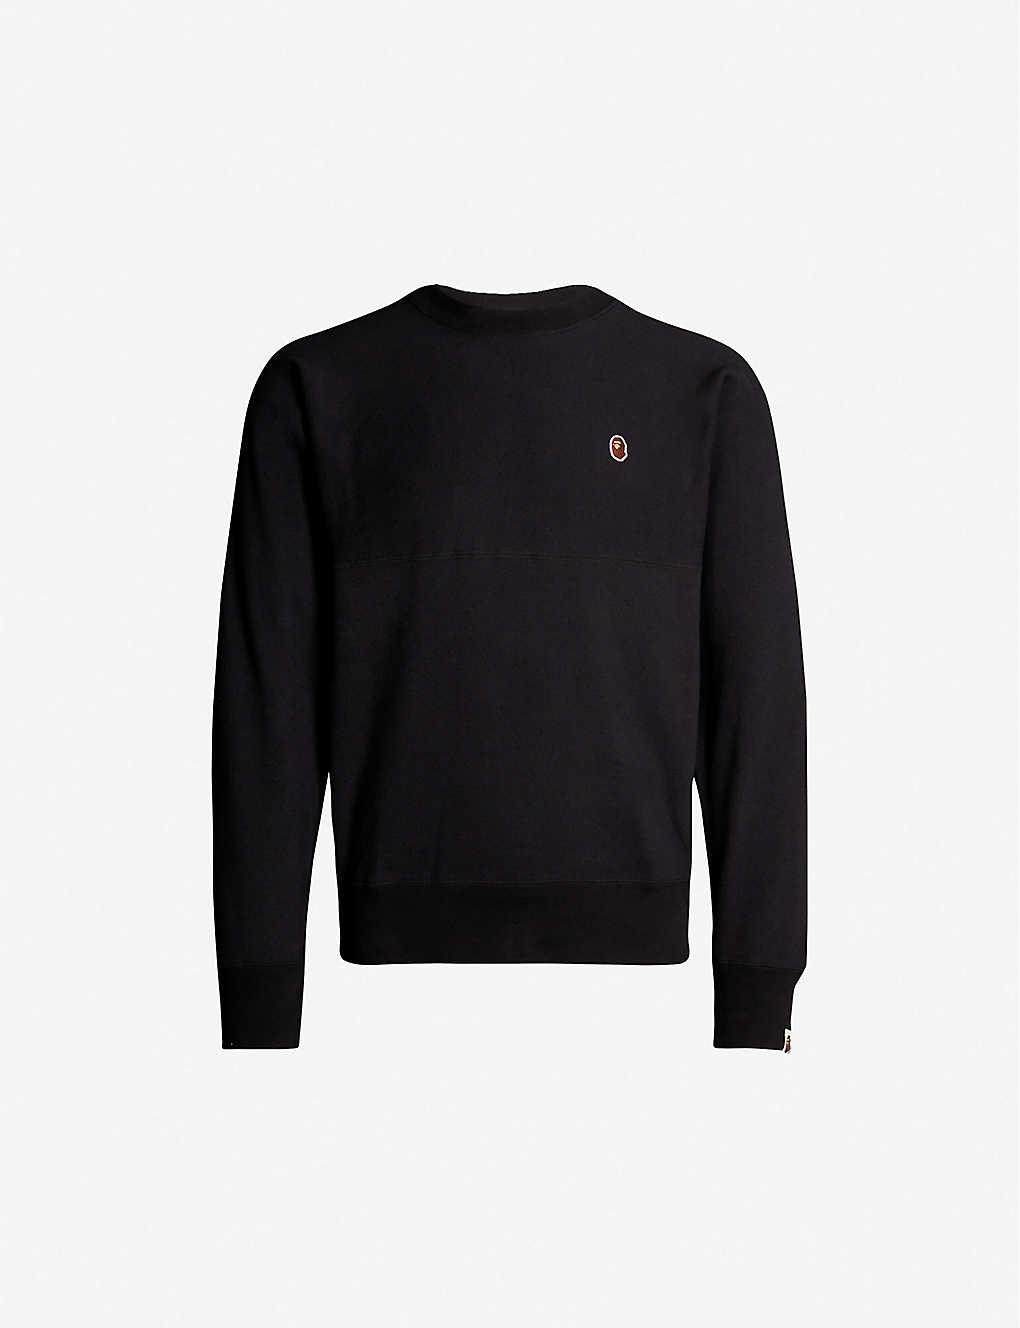 fb66280d4 A BATHING APE - Logo-appliquéd cotton-jersey sweatshirt | Selfridges.com